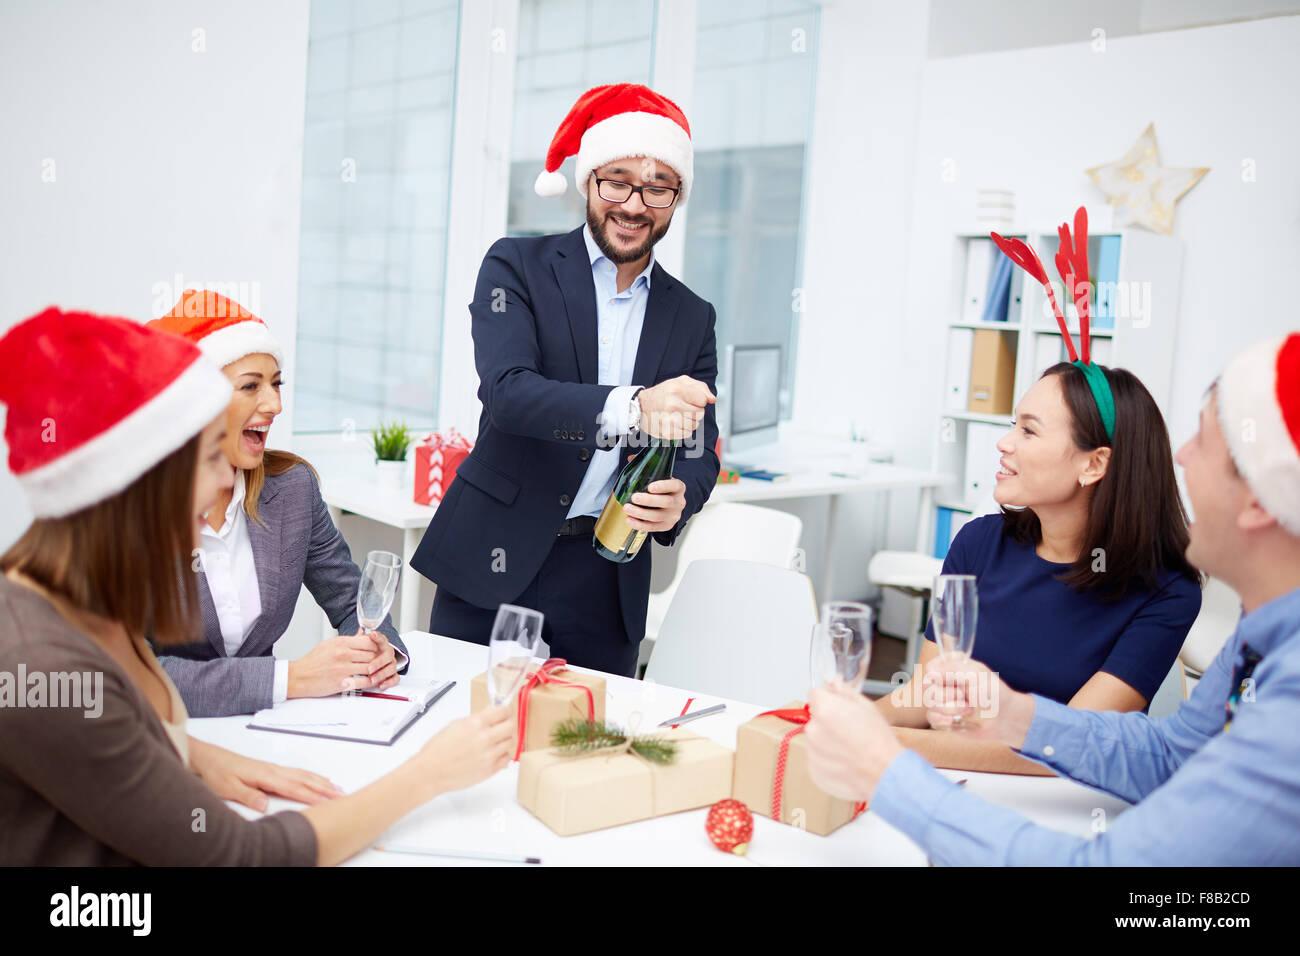 Groupe d'employés à leur collègue à l'ouverture de bouteille de champagne Photo Stock